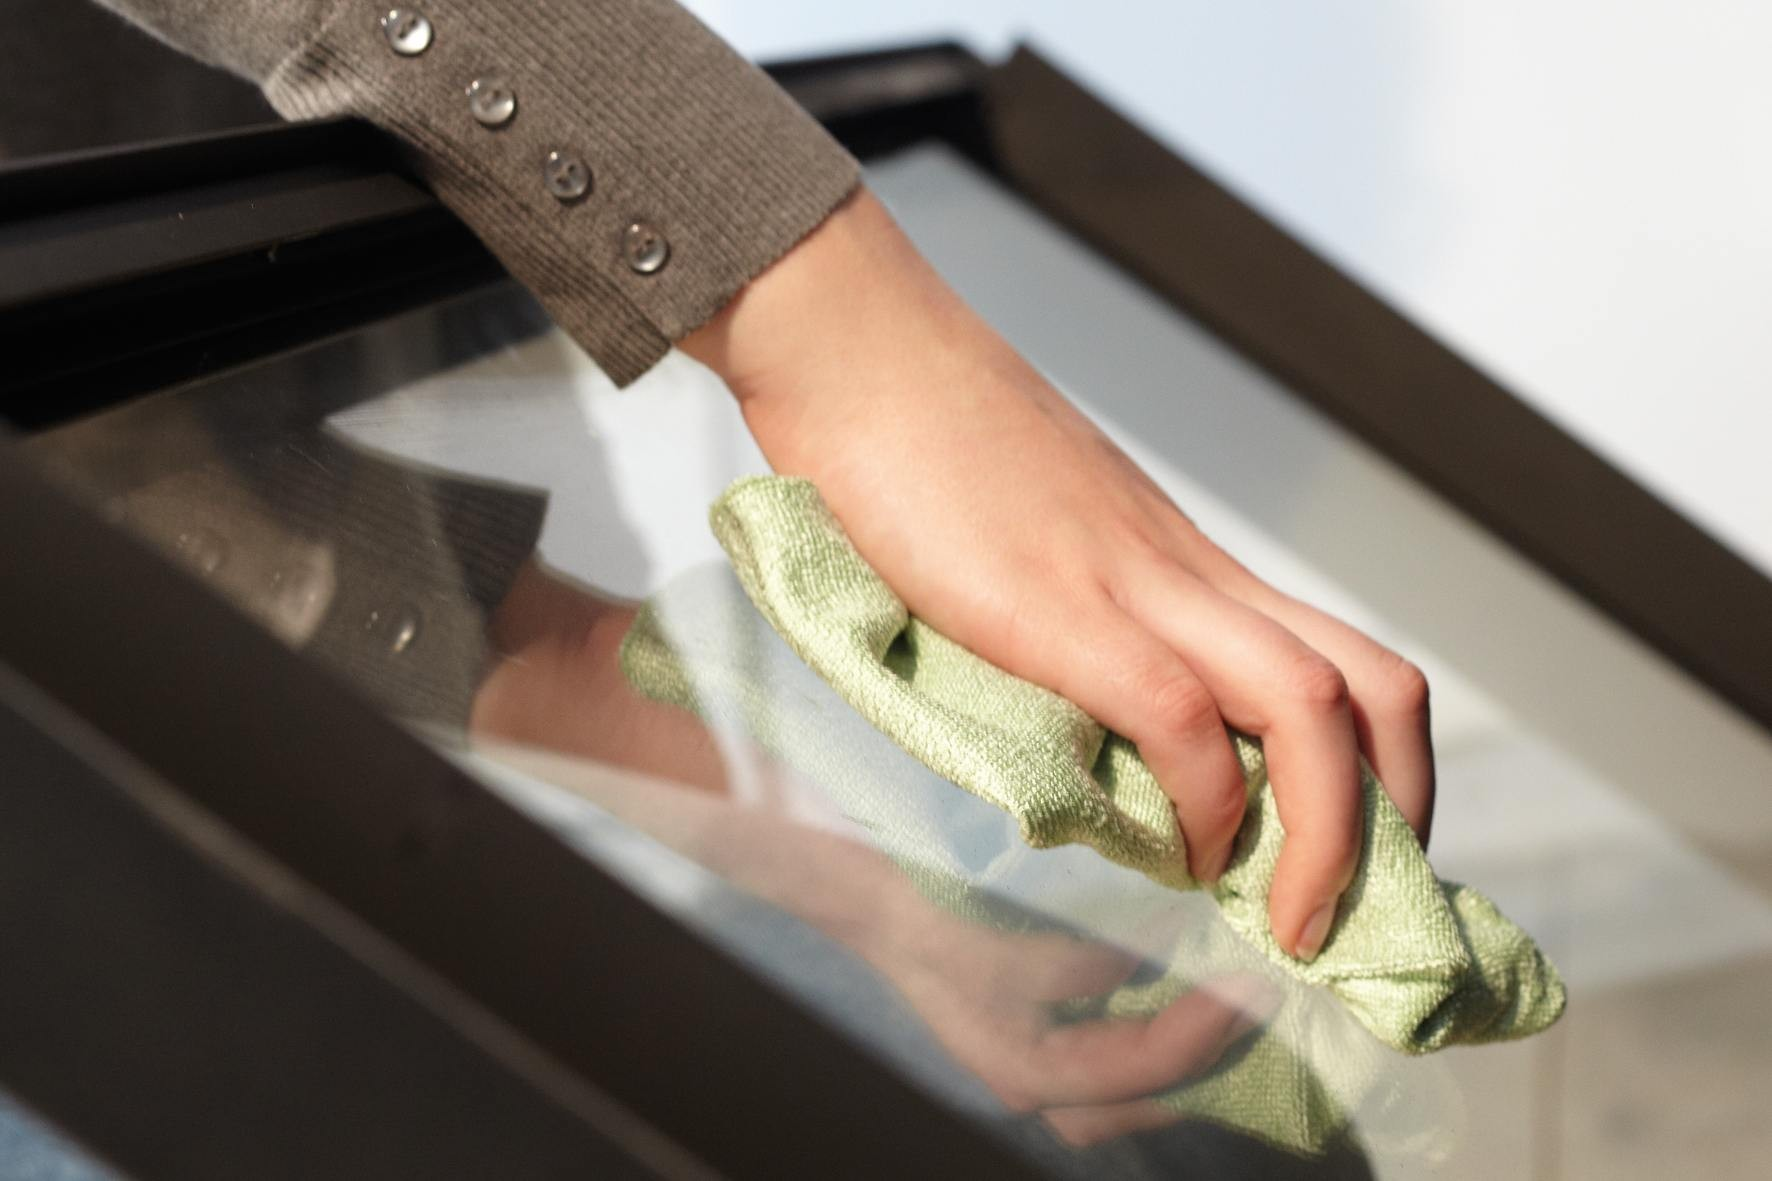 Hoe maak je de ruit van een gashaard schoon?